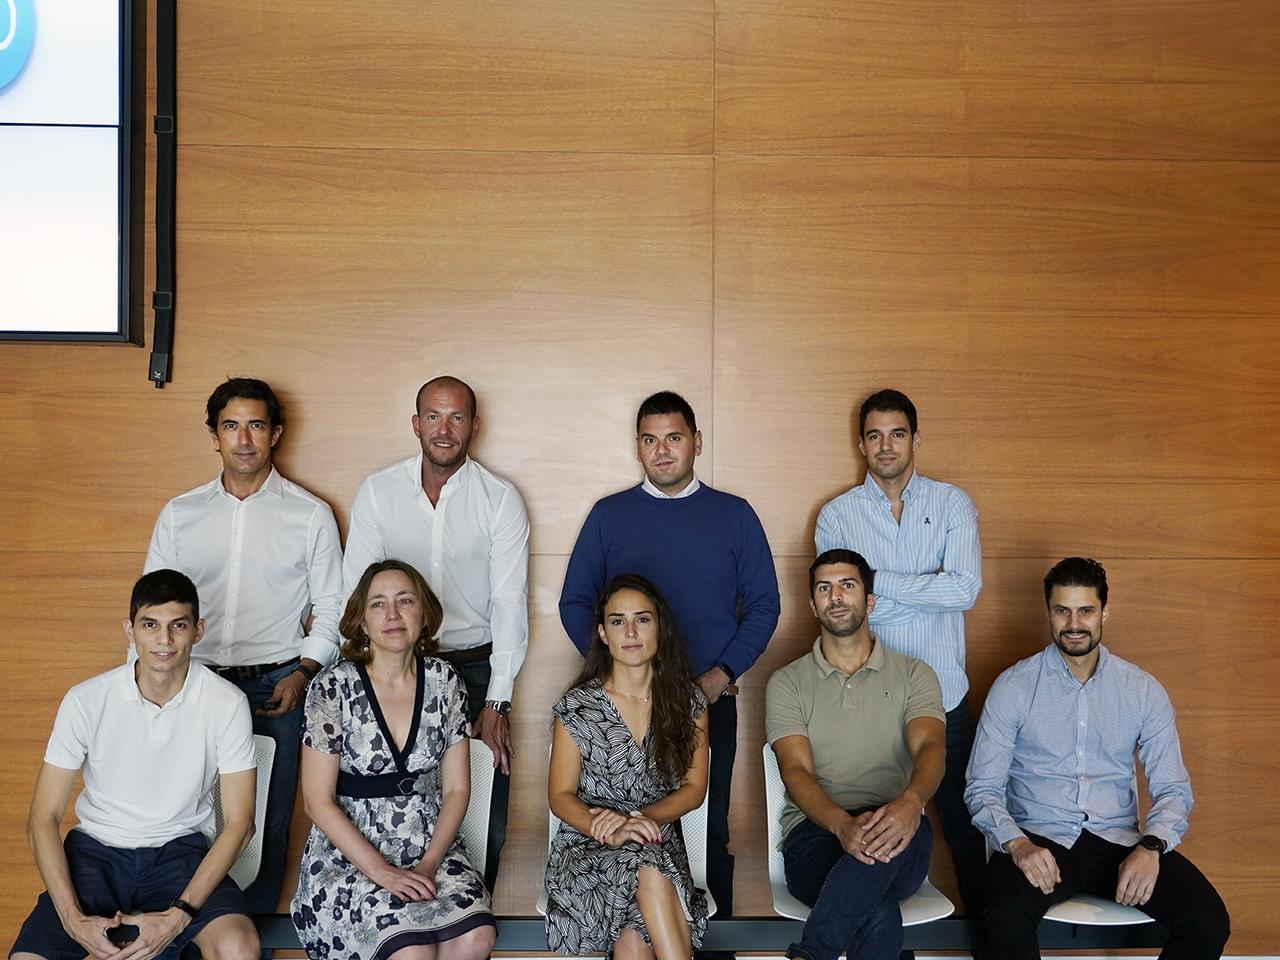 La empresa de bioimpresión de tejidos y órganos, REGEMAT 3D abre una ronda de financiación de 300.000 euros a través de la plataforma Crowdcube y la completa en una semana.